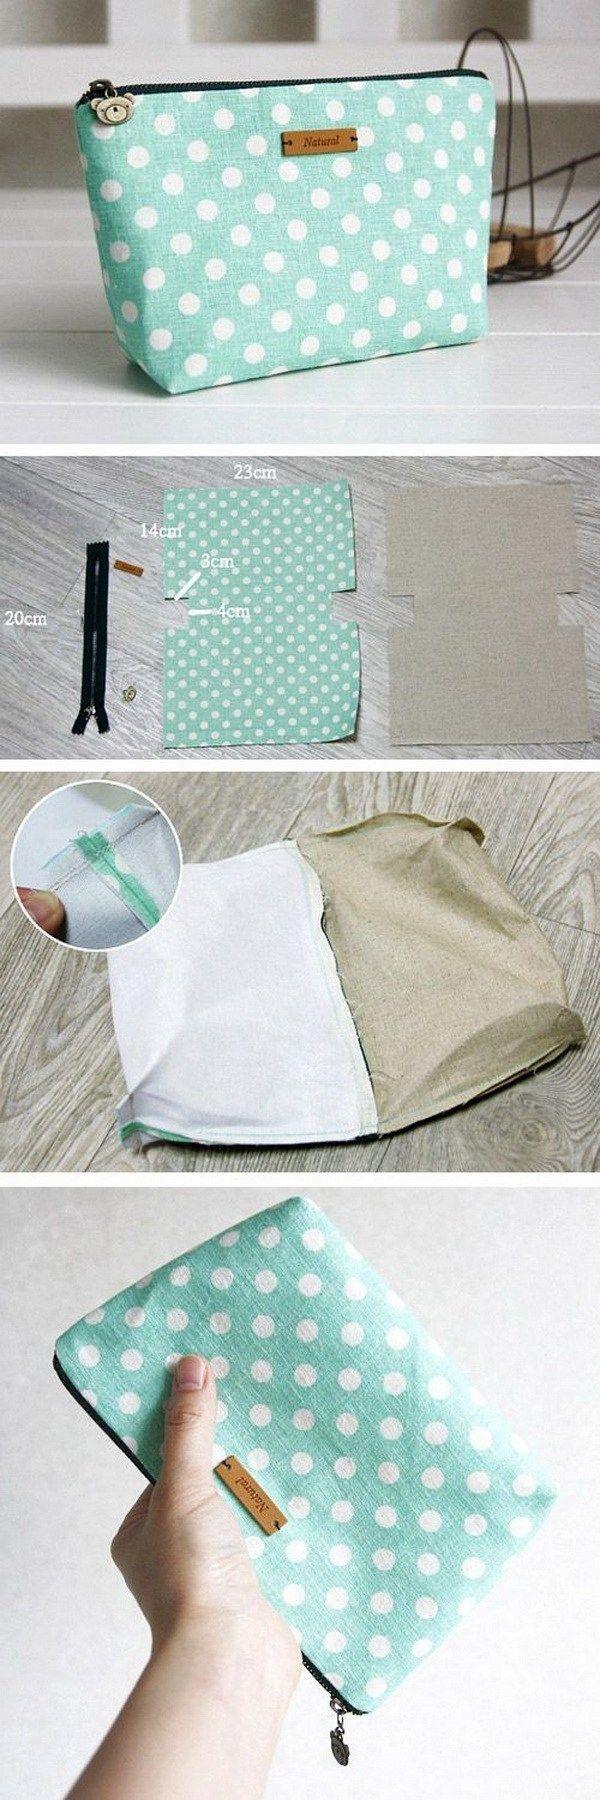 DIY natürliches Leinen und Baumwolle Reißverschluss Kosmetiktasche. Willst du deine Kosmetiktasche m